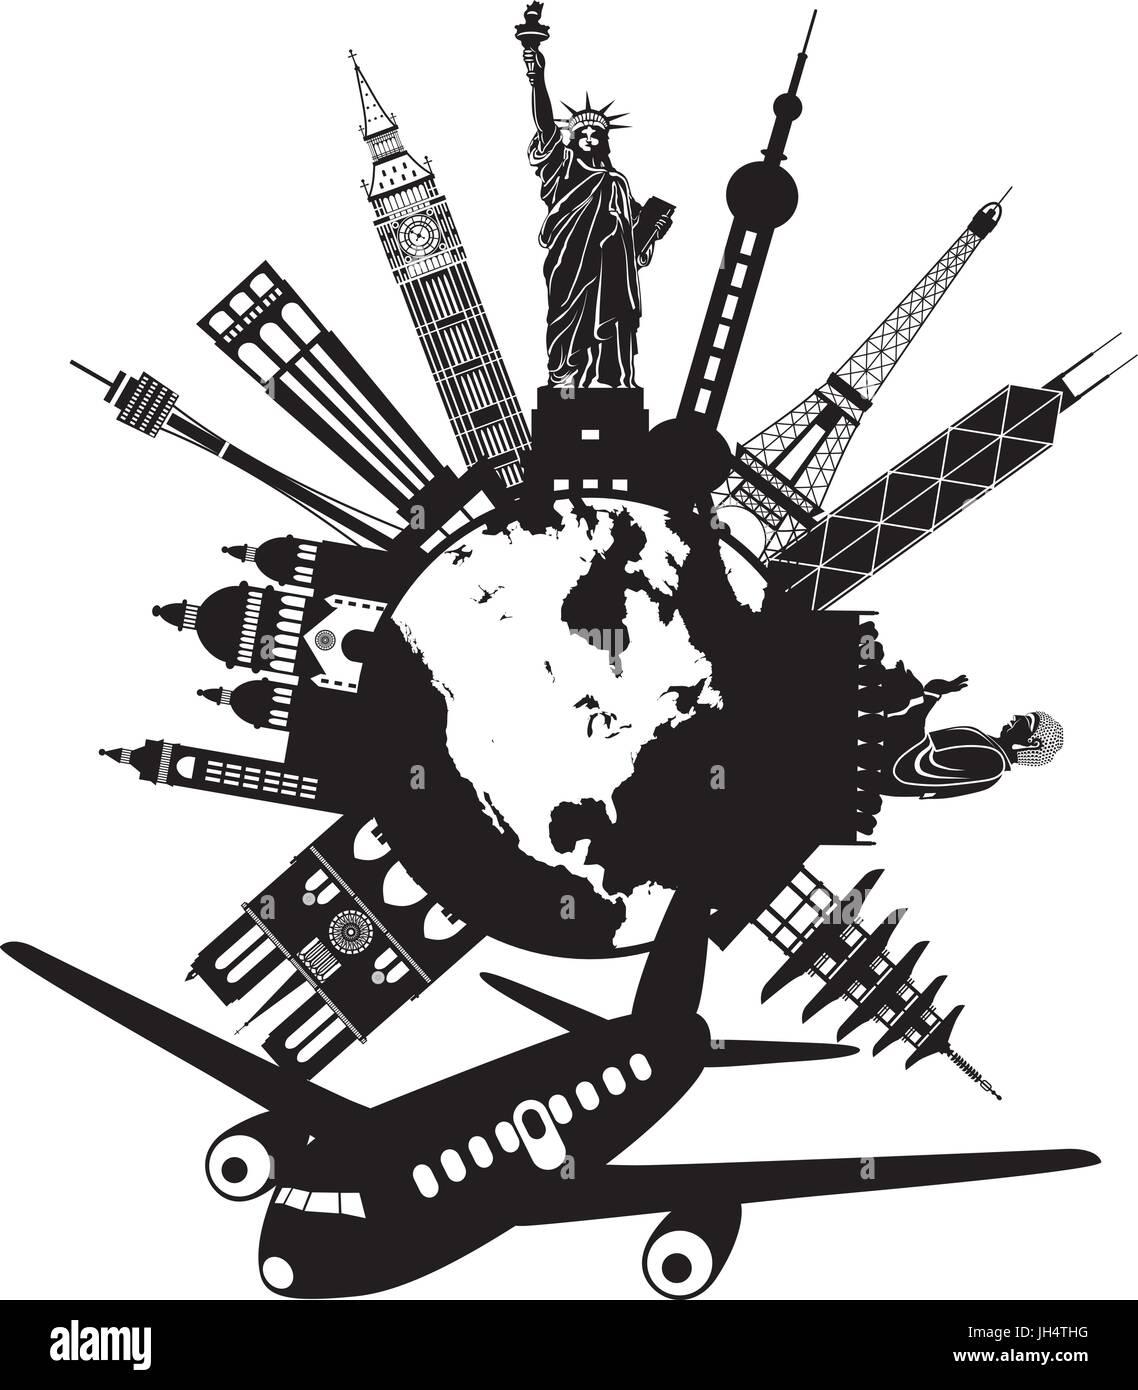 Voyage autour du monde en avion avec les repères dglobe rond illustration noir et